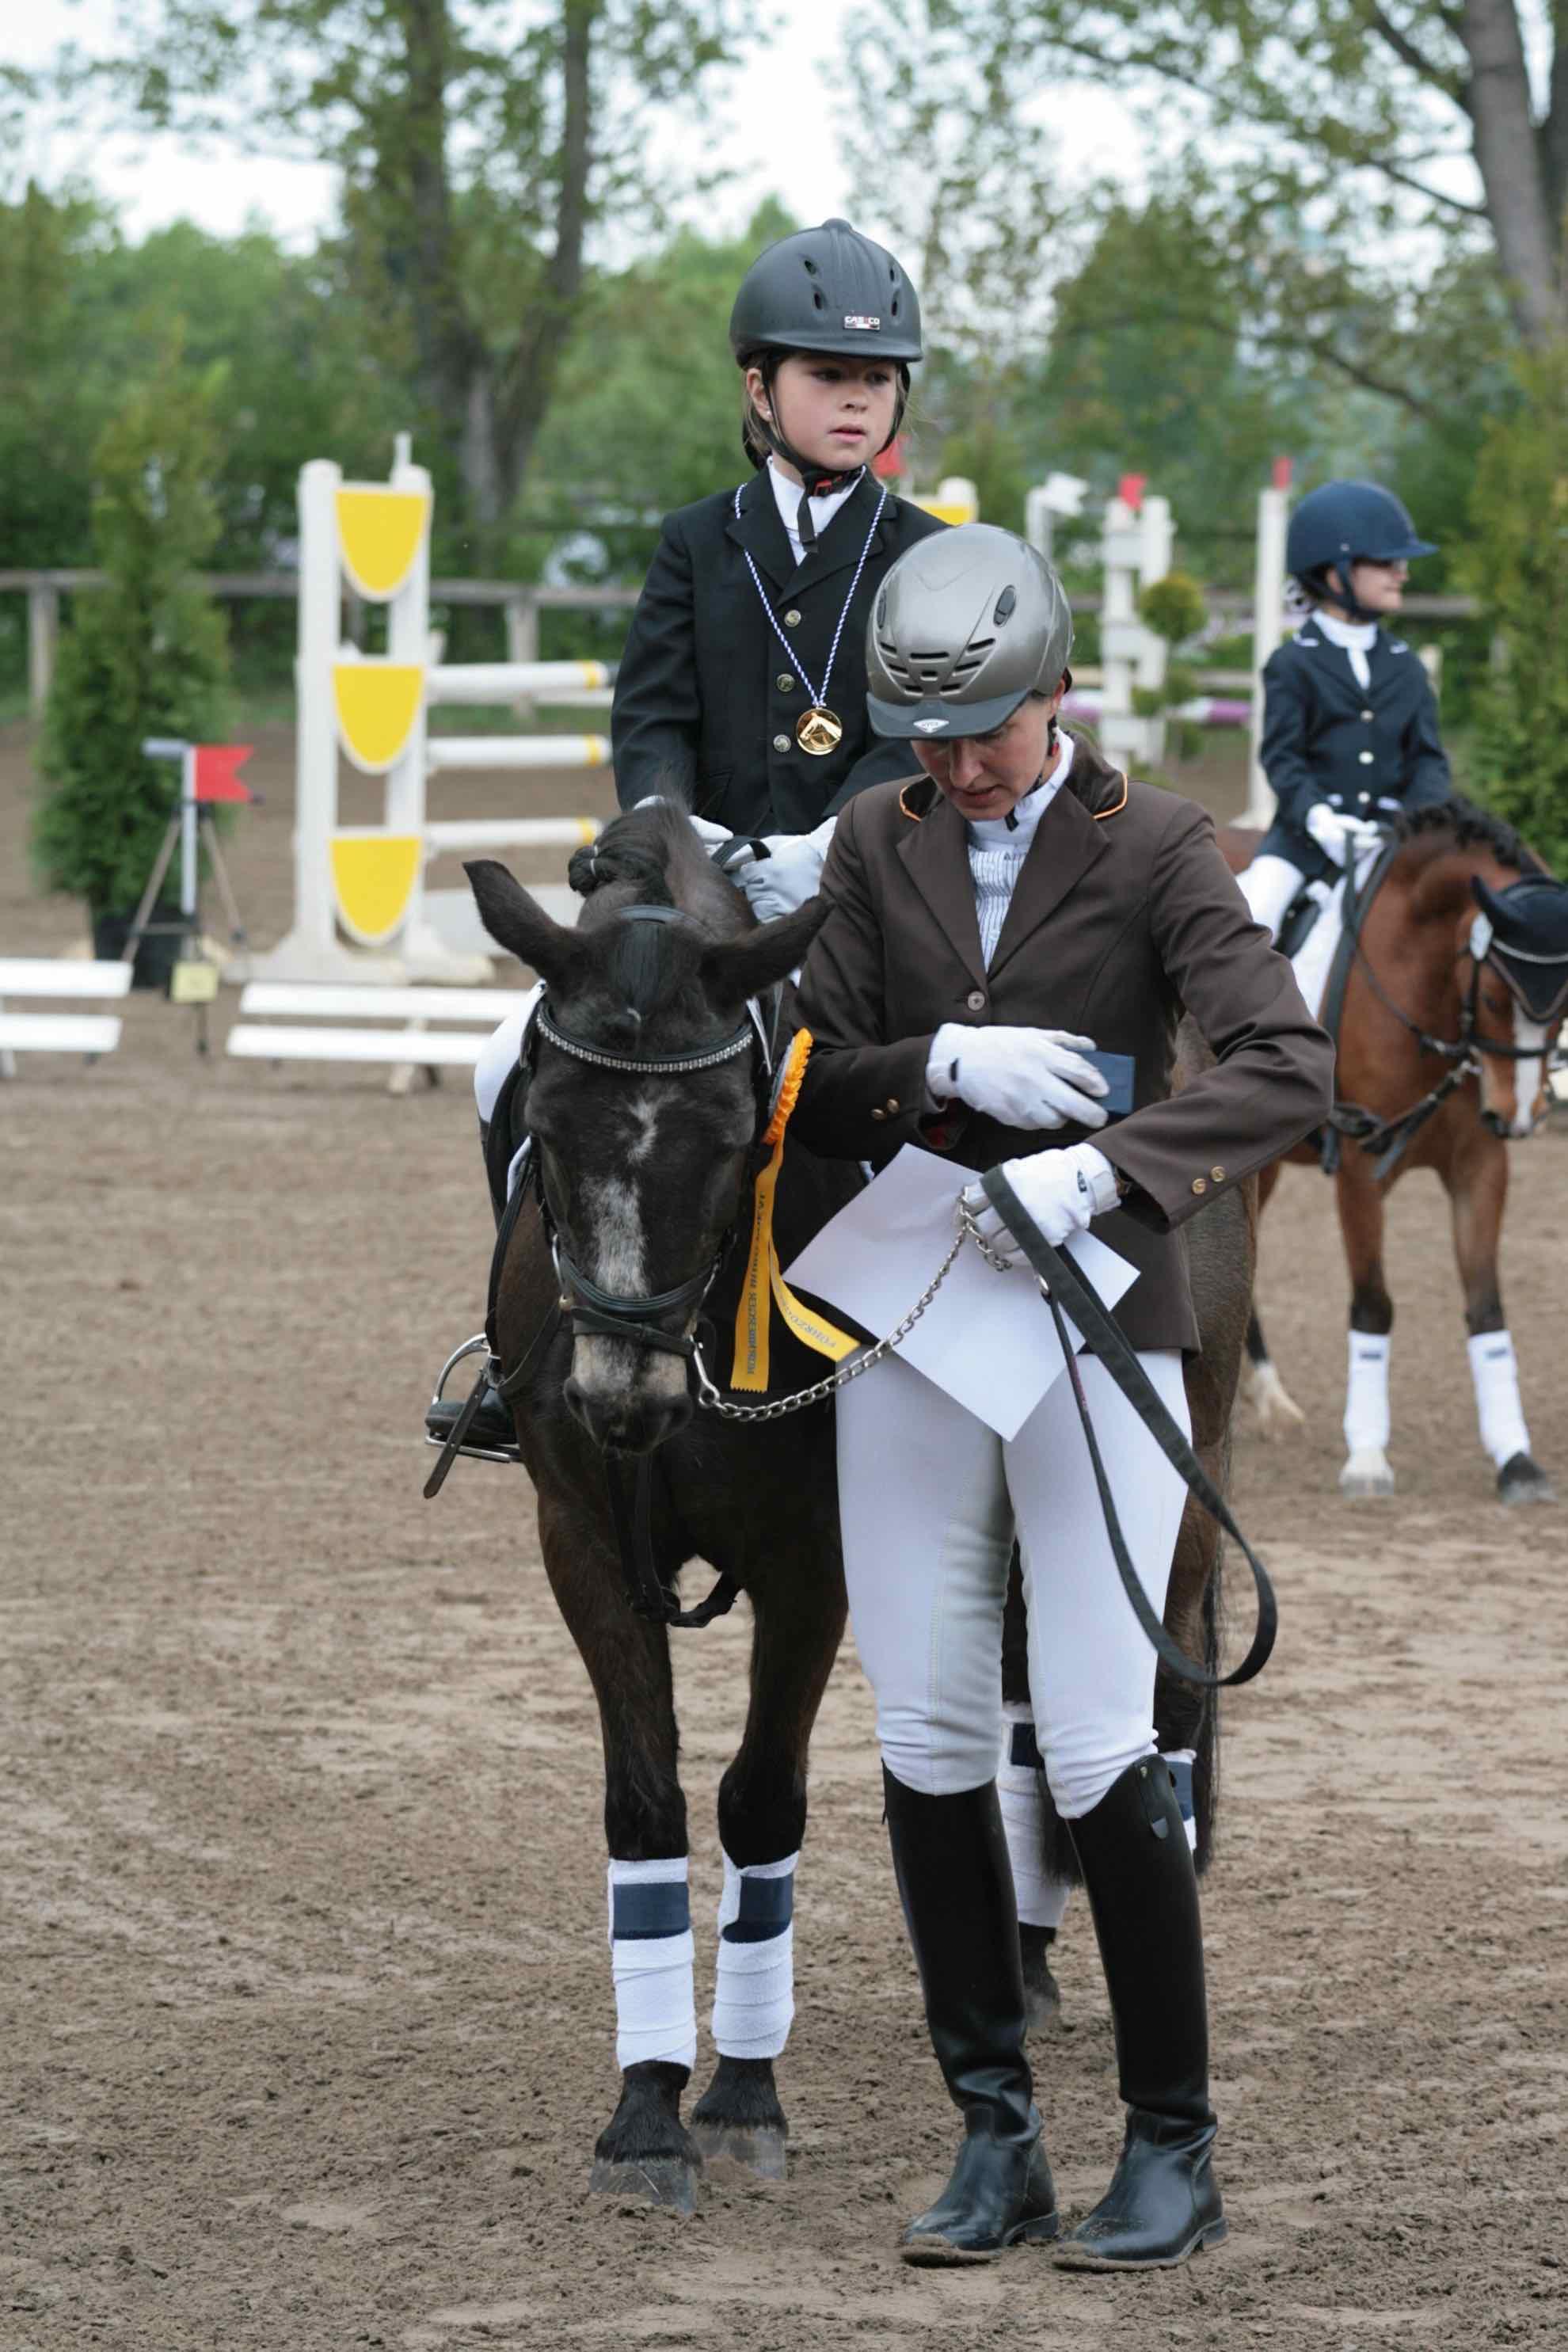 Prüfung 29/1 Führzügel Wettbewerb - 1. Platz - Johanna Bärwald auf Nino